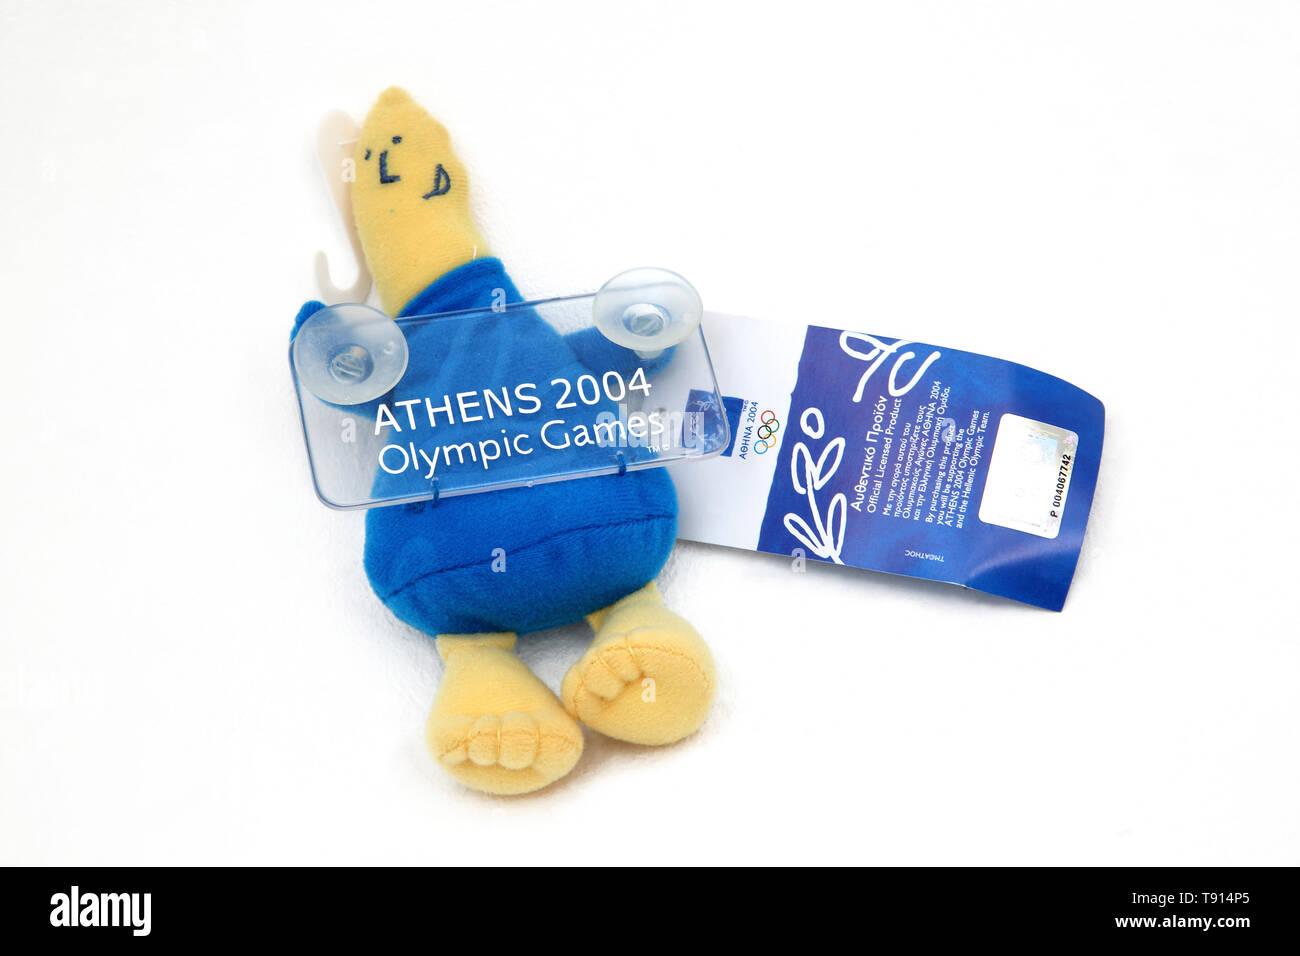 Finestra auto Sucker Phevos mascotte dei Giochi Olimpici di Atene Immagini Stock